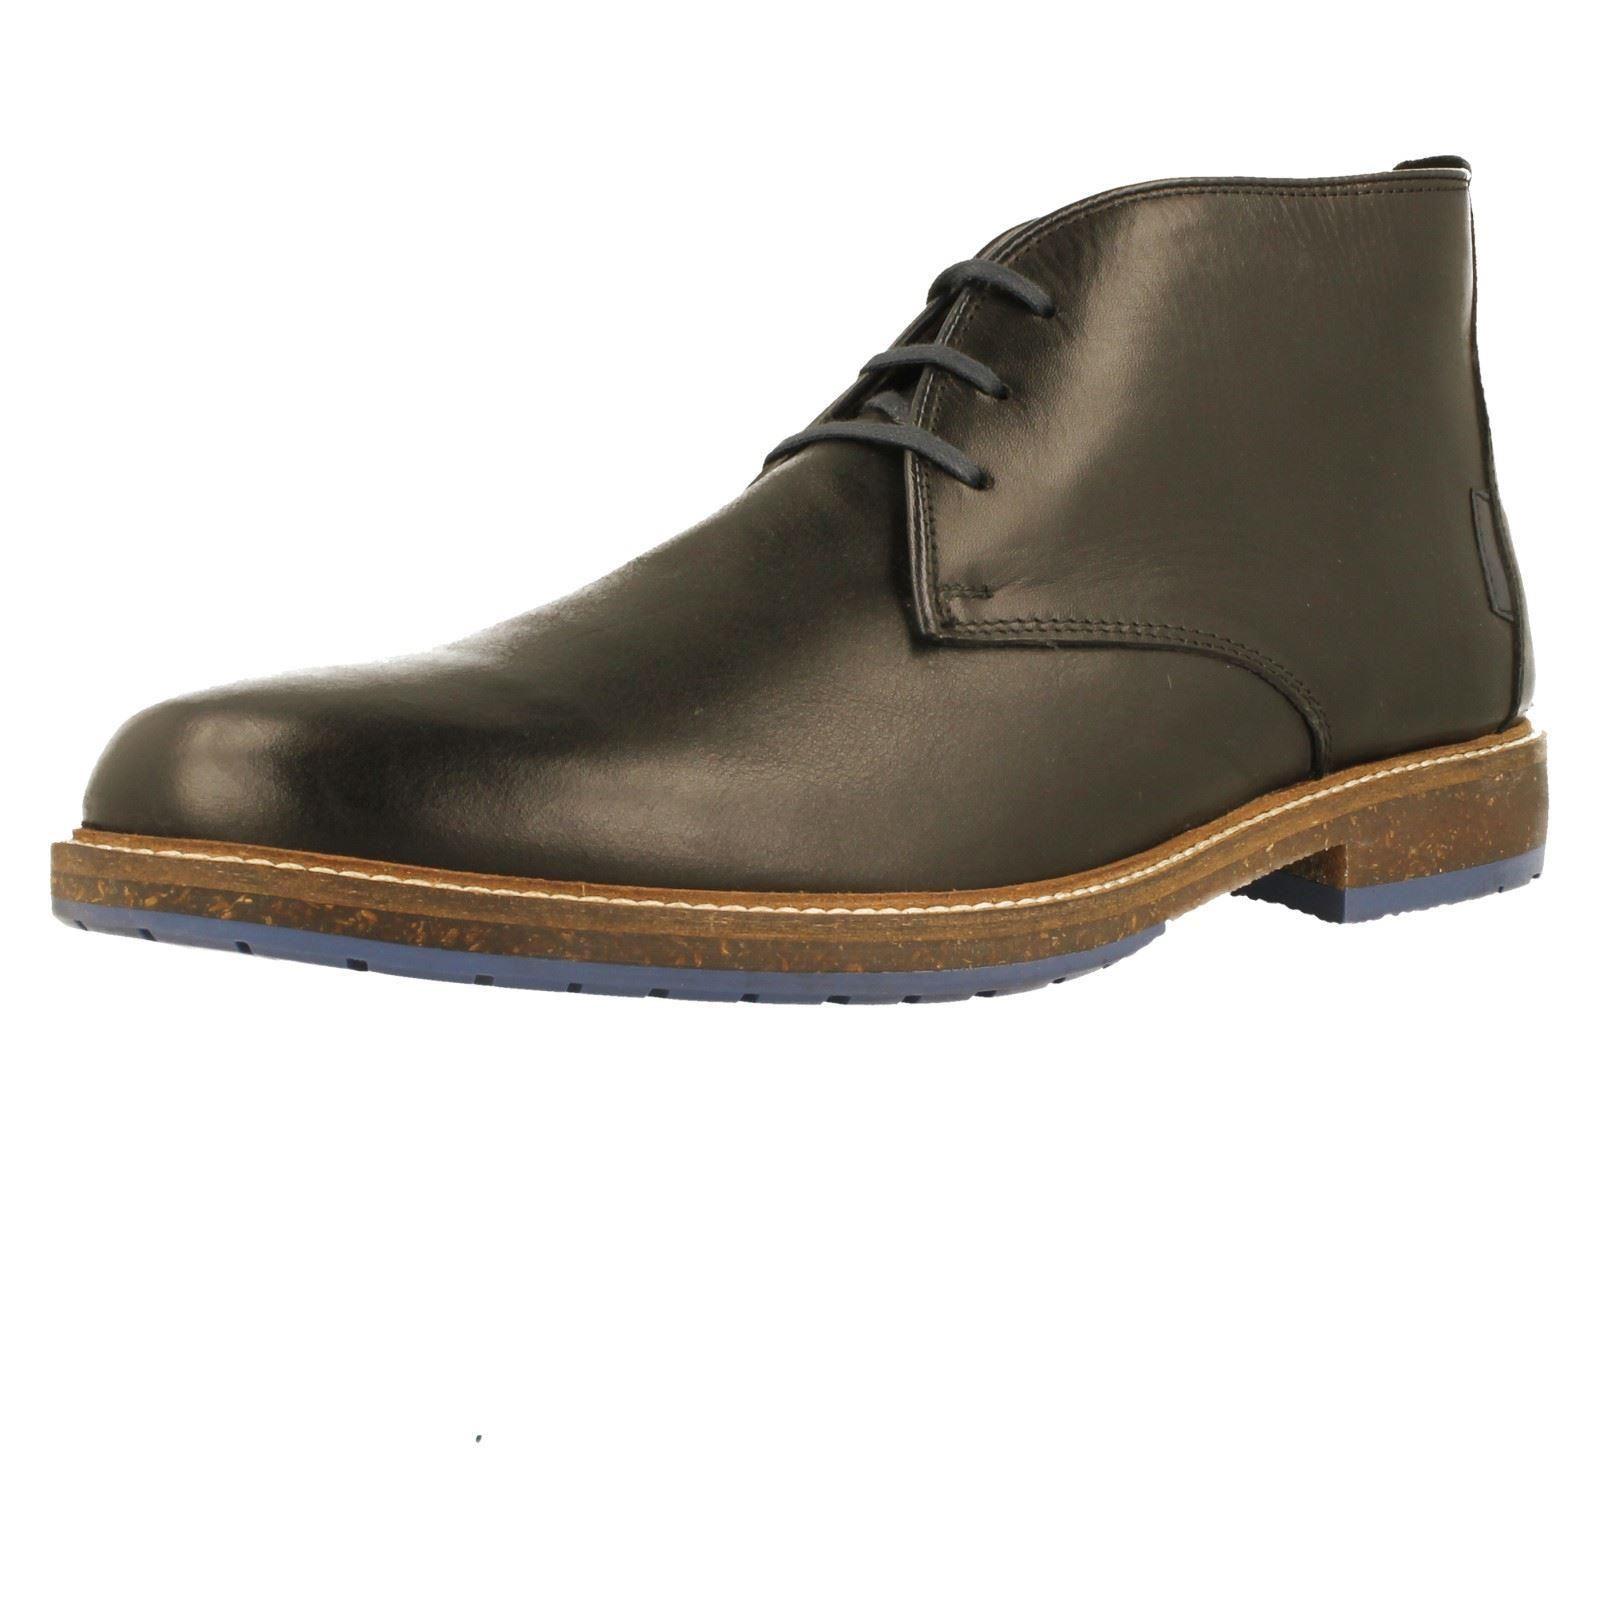 Billig gute Qualität Mens Rohde Stiefel Label 6710-W